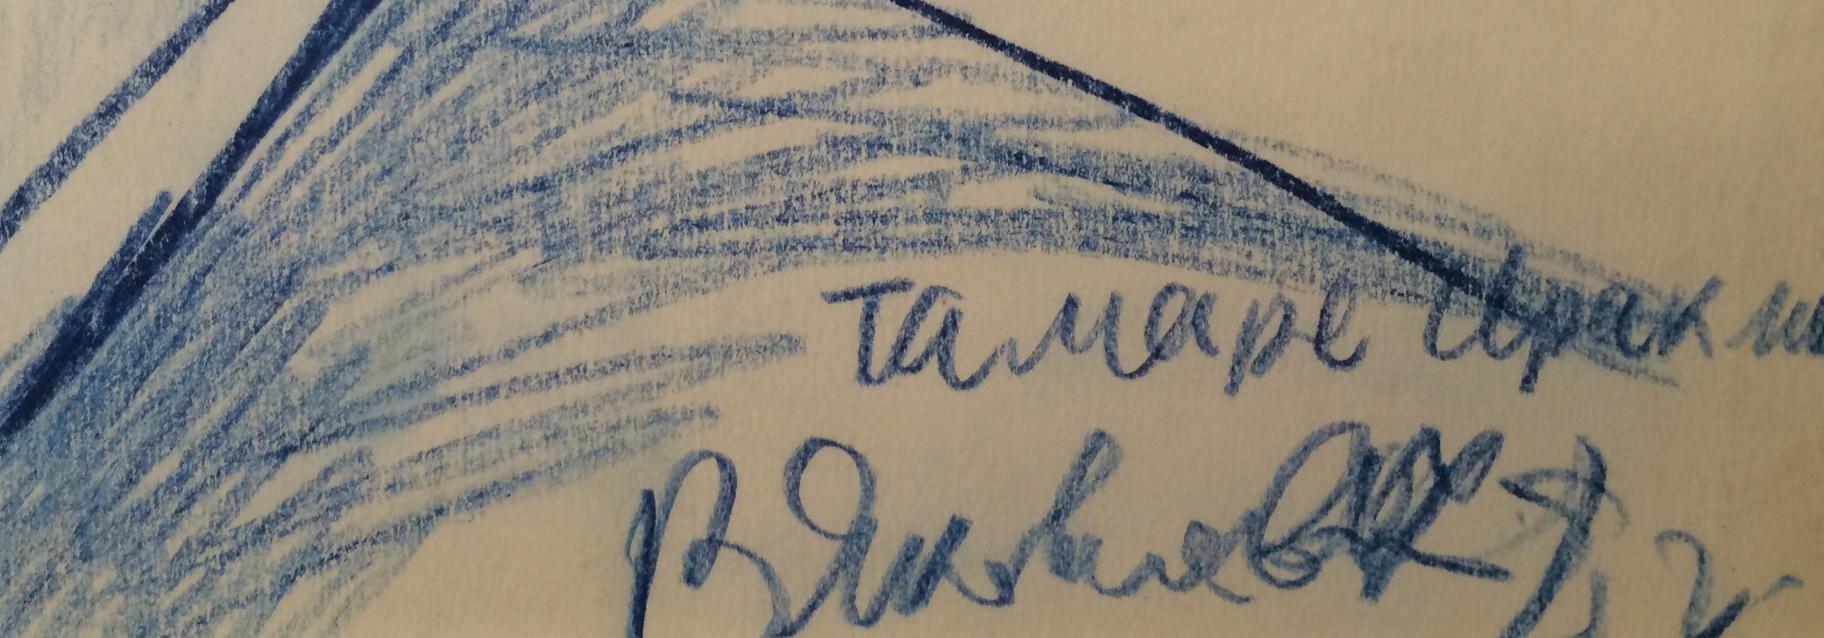 Подпись. Яковлев Владимир Игоревич. Тамара.